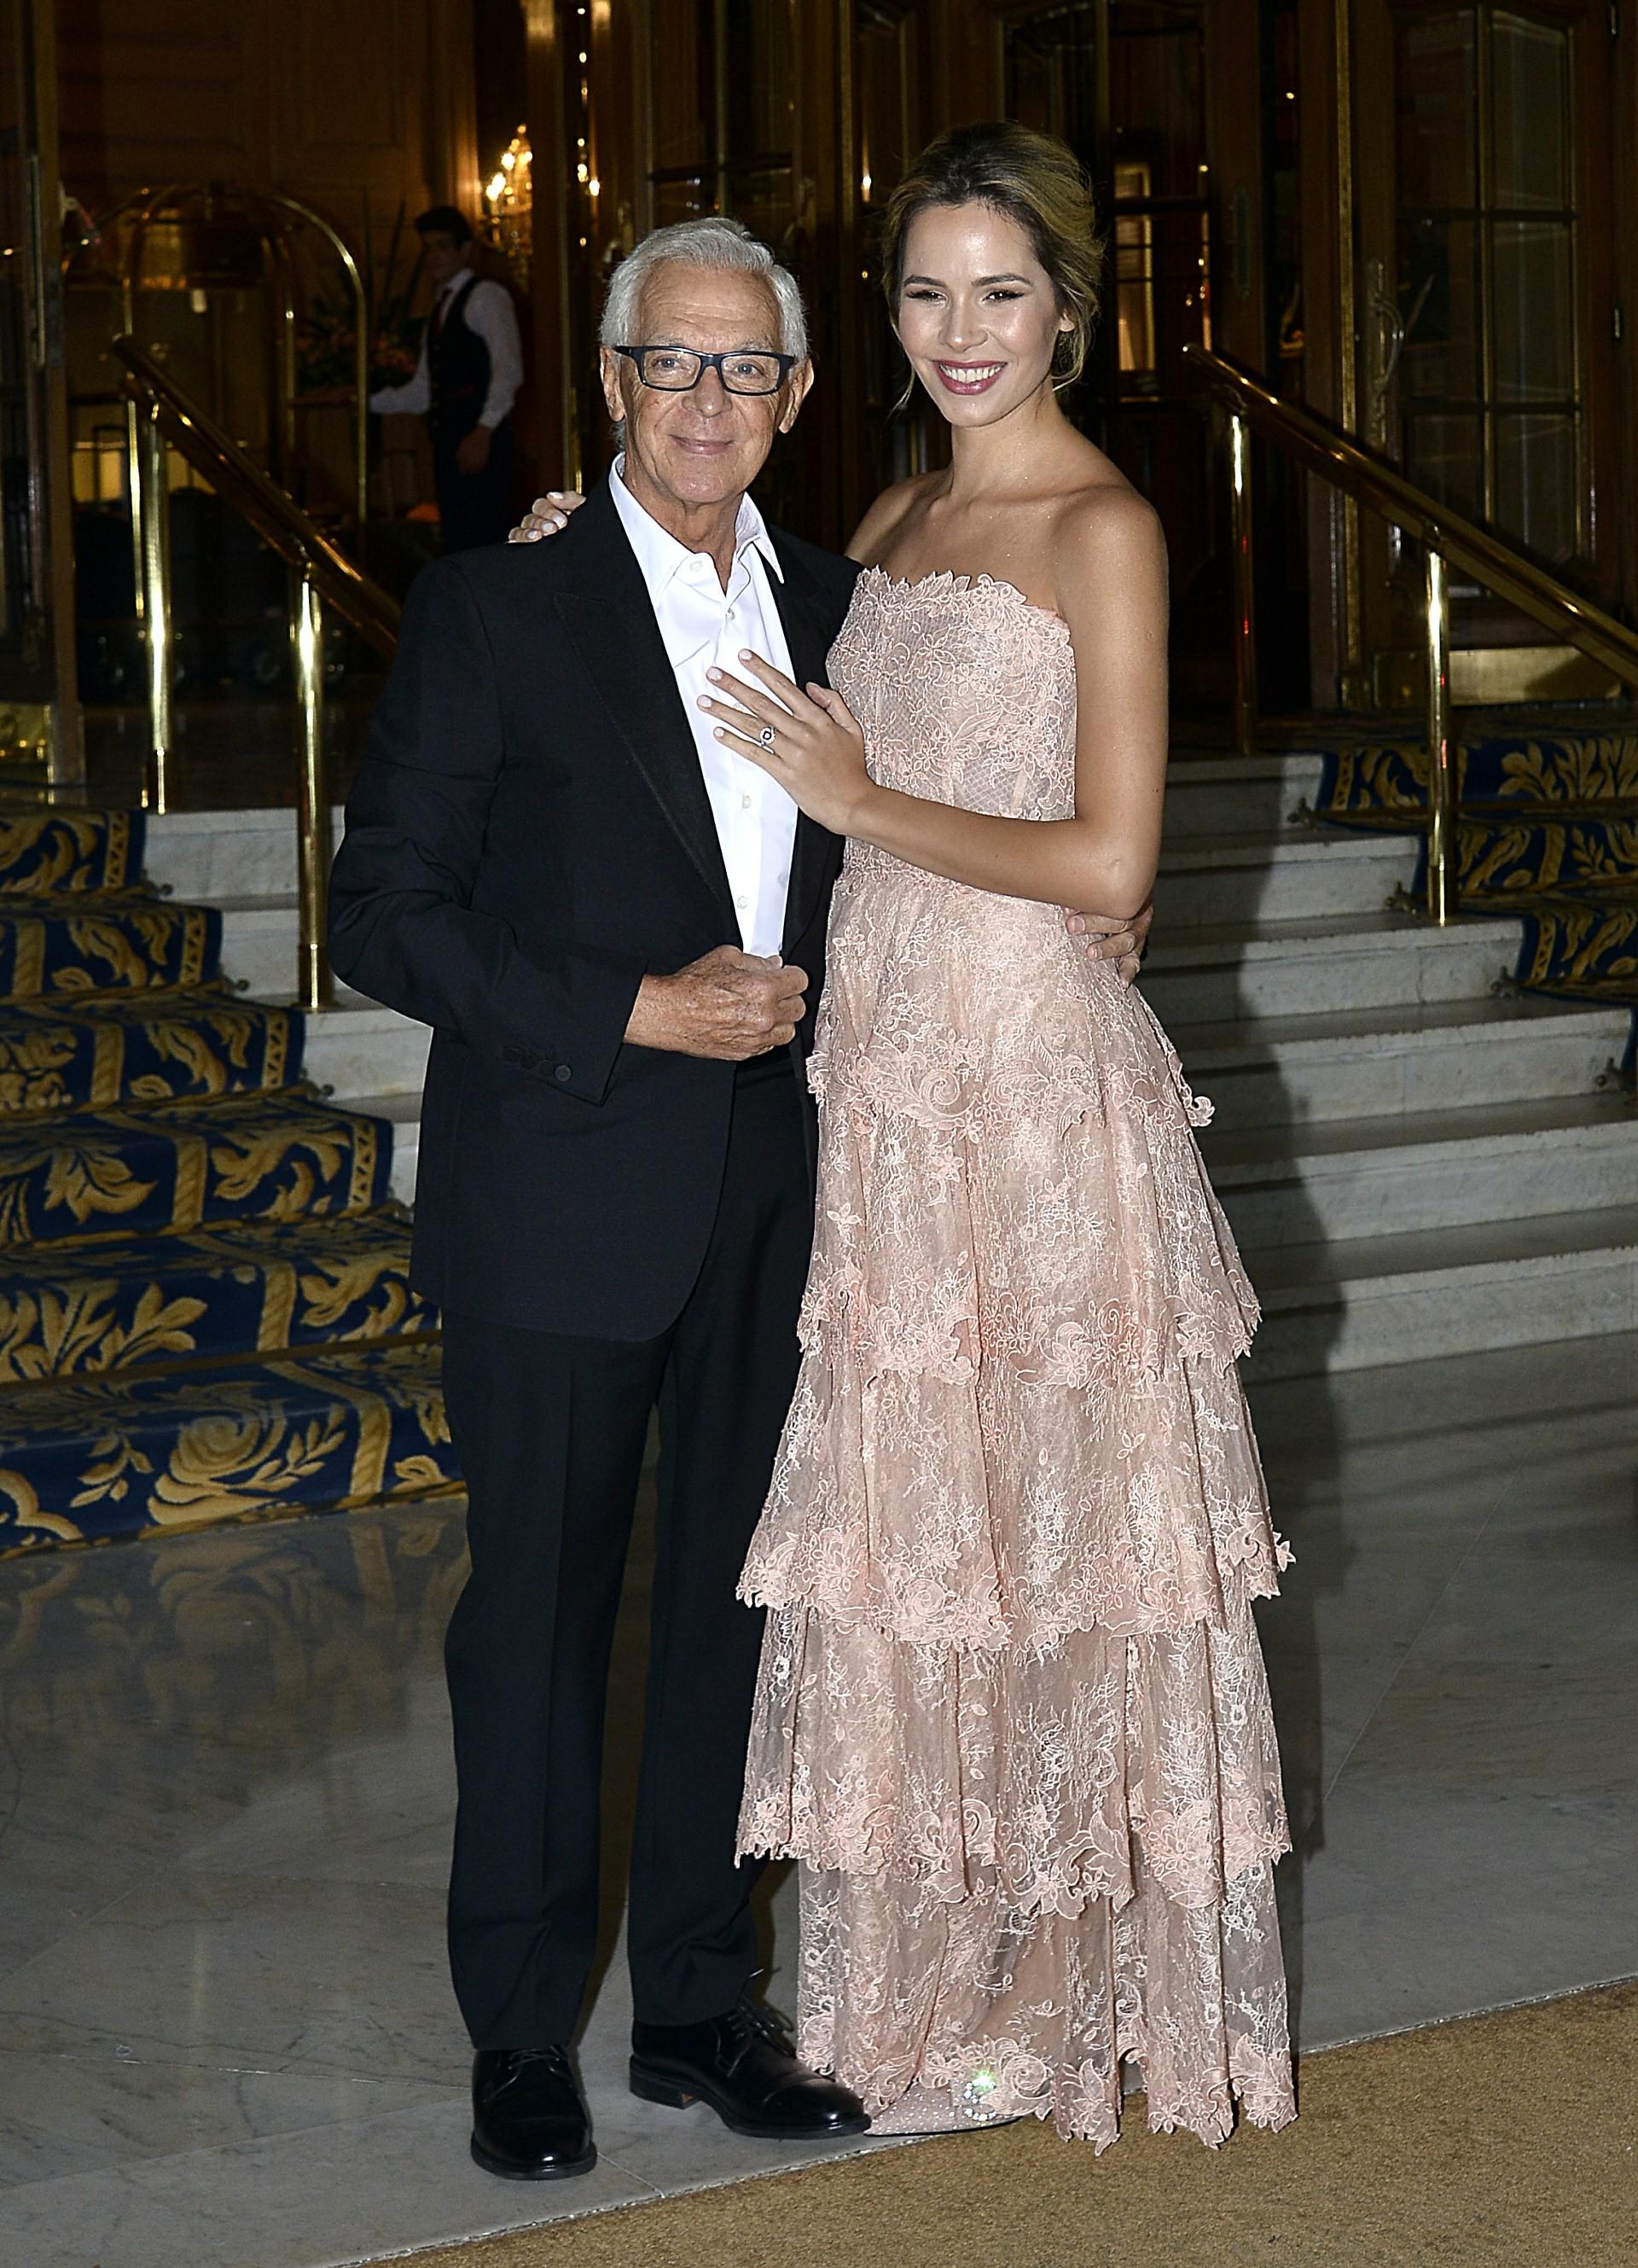 El empresario Eduardo Costantini y la modelo Elina Fernández Fantacci posan en la puerta del Alvear Palace, donde se casaron este sábado en una ceremonia íntima y a la que asistieron unos 50 invitados